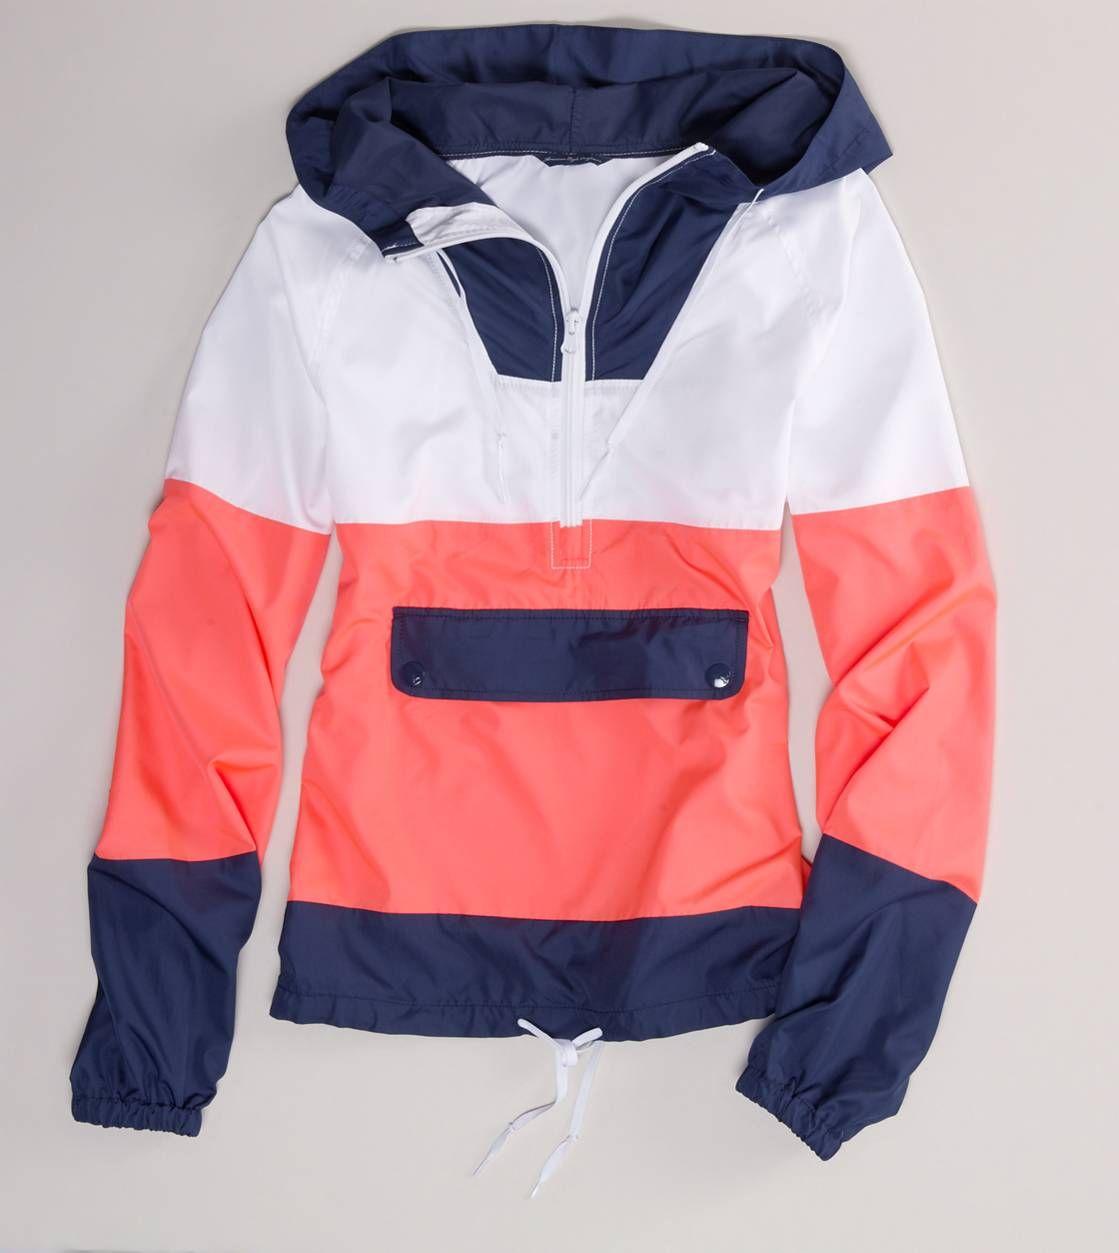 I NEED IT NOW. raincoats <3